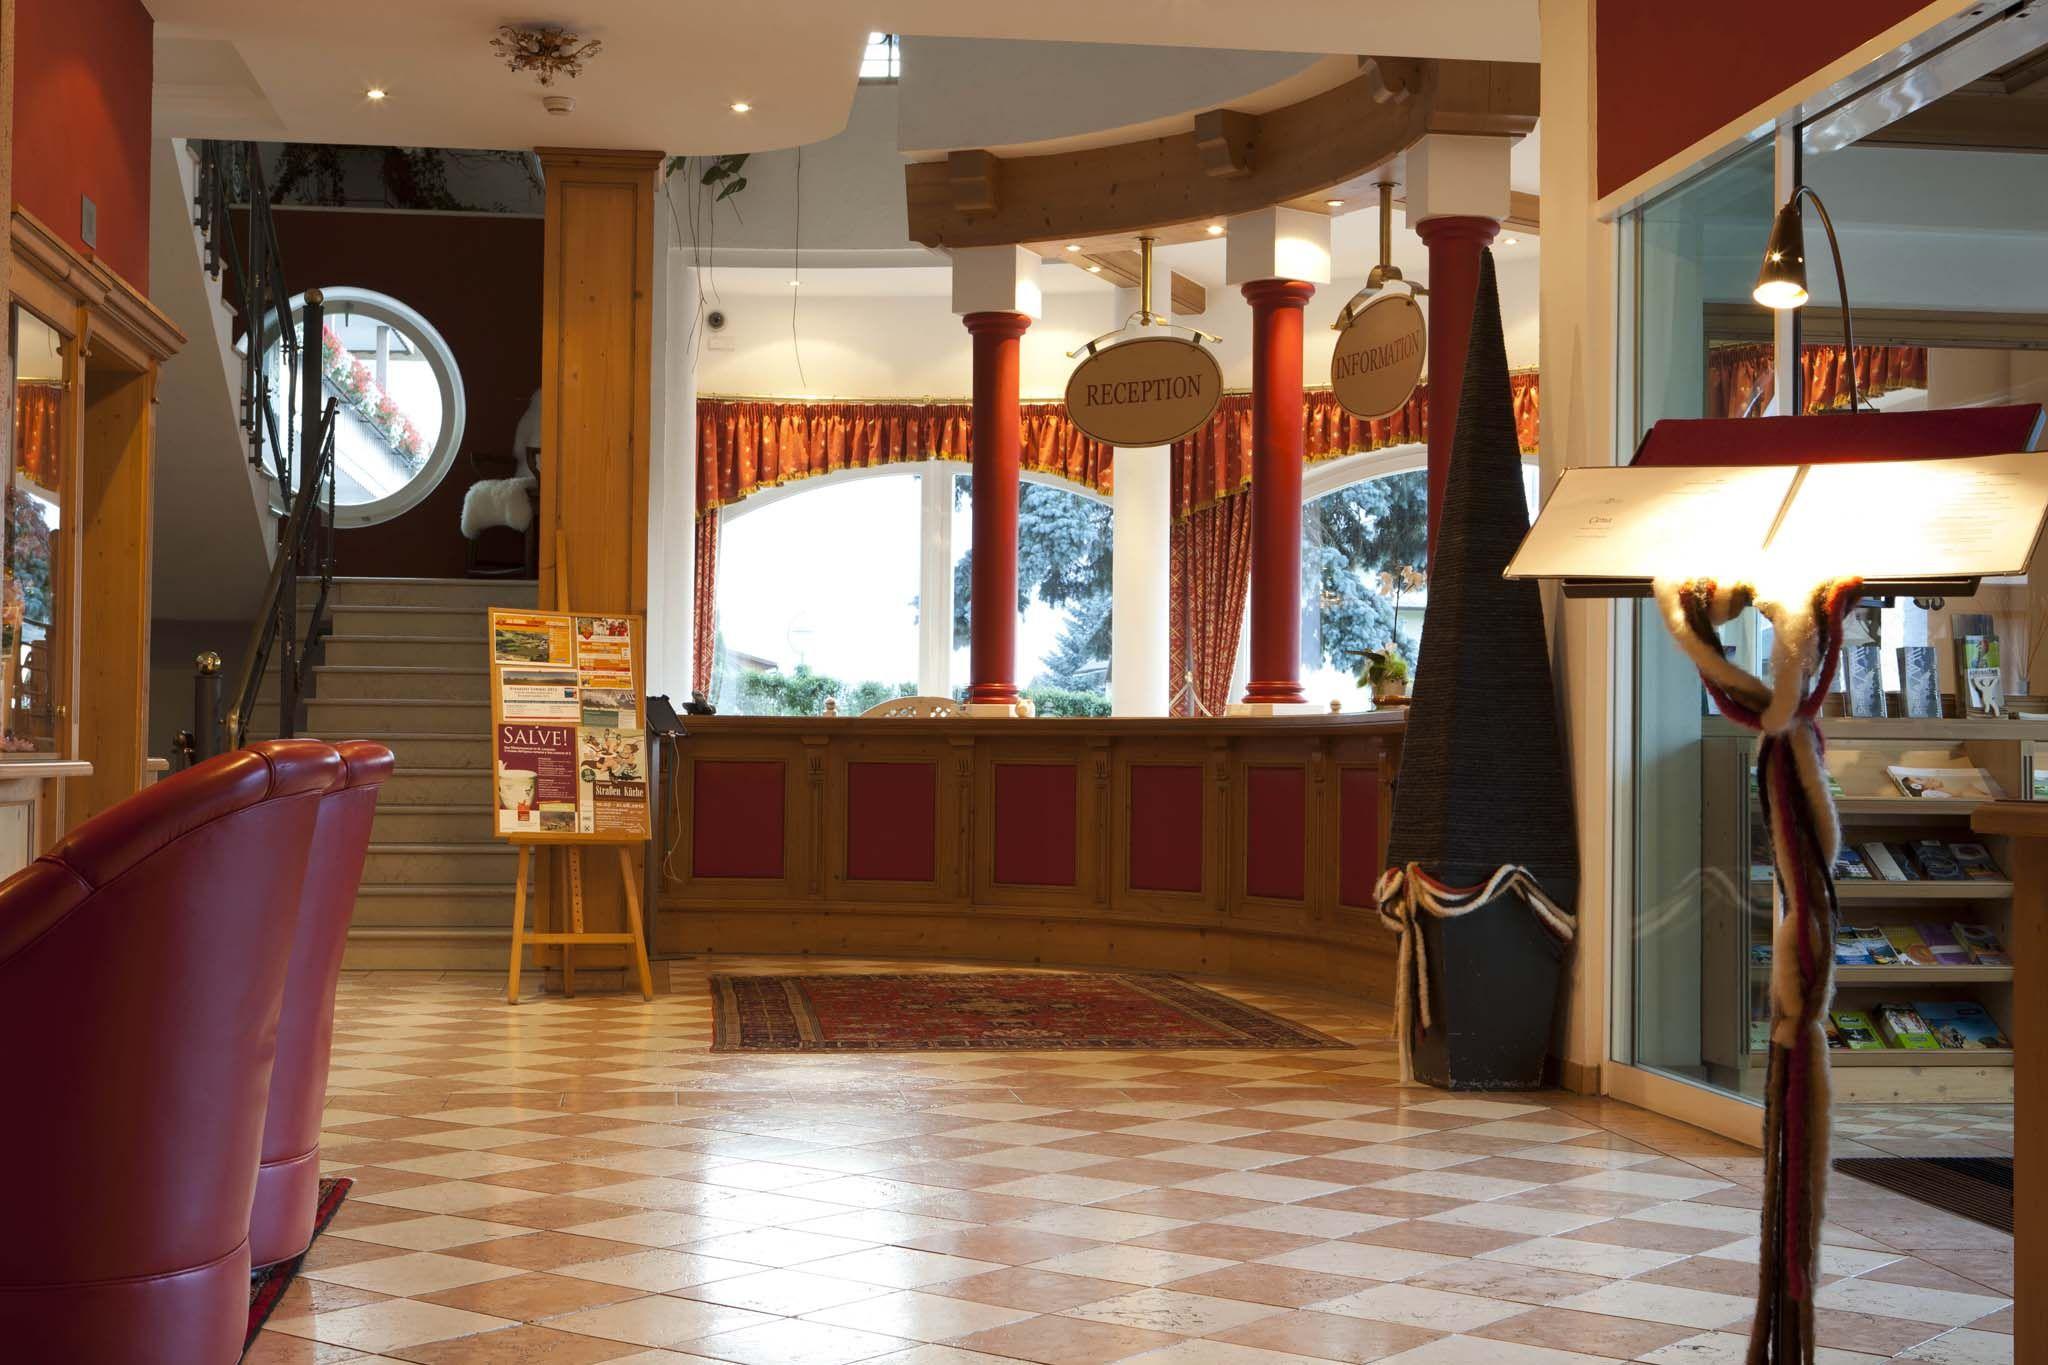 Reception unseres Wellnesshotels in den Dolomiten. / Reception of your wellnesshotel in the Dolomites.